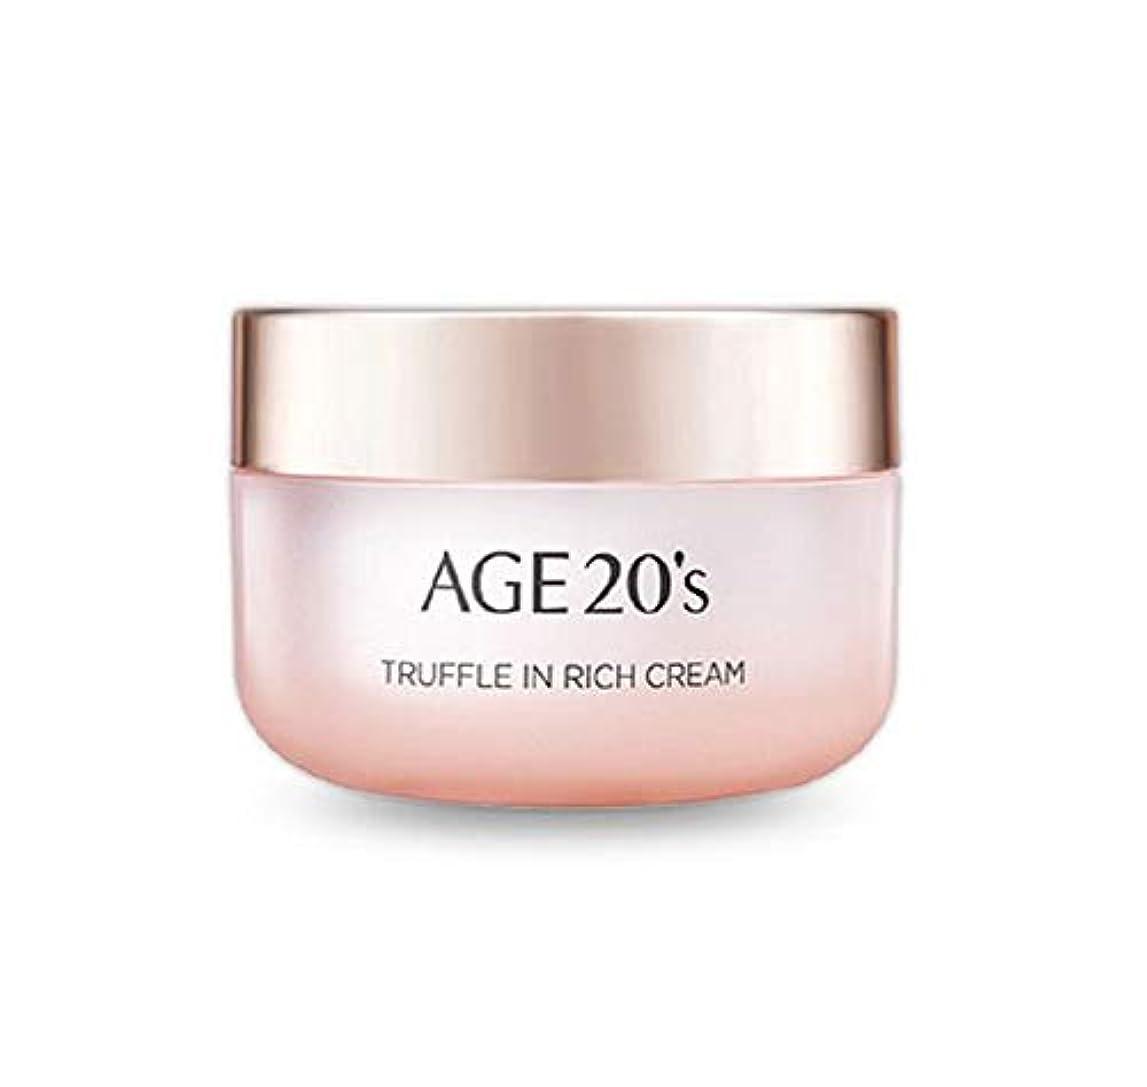 ハンカチ勧告ストライドエイジトゥエンティスAge20's 韓国コスメ トリュフリッチ クリーム 50g 海外直送品 Truffle in rich Cream [並行輸入品]